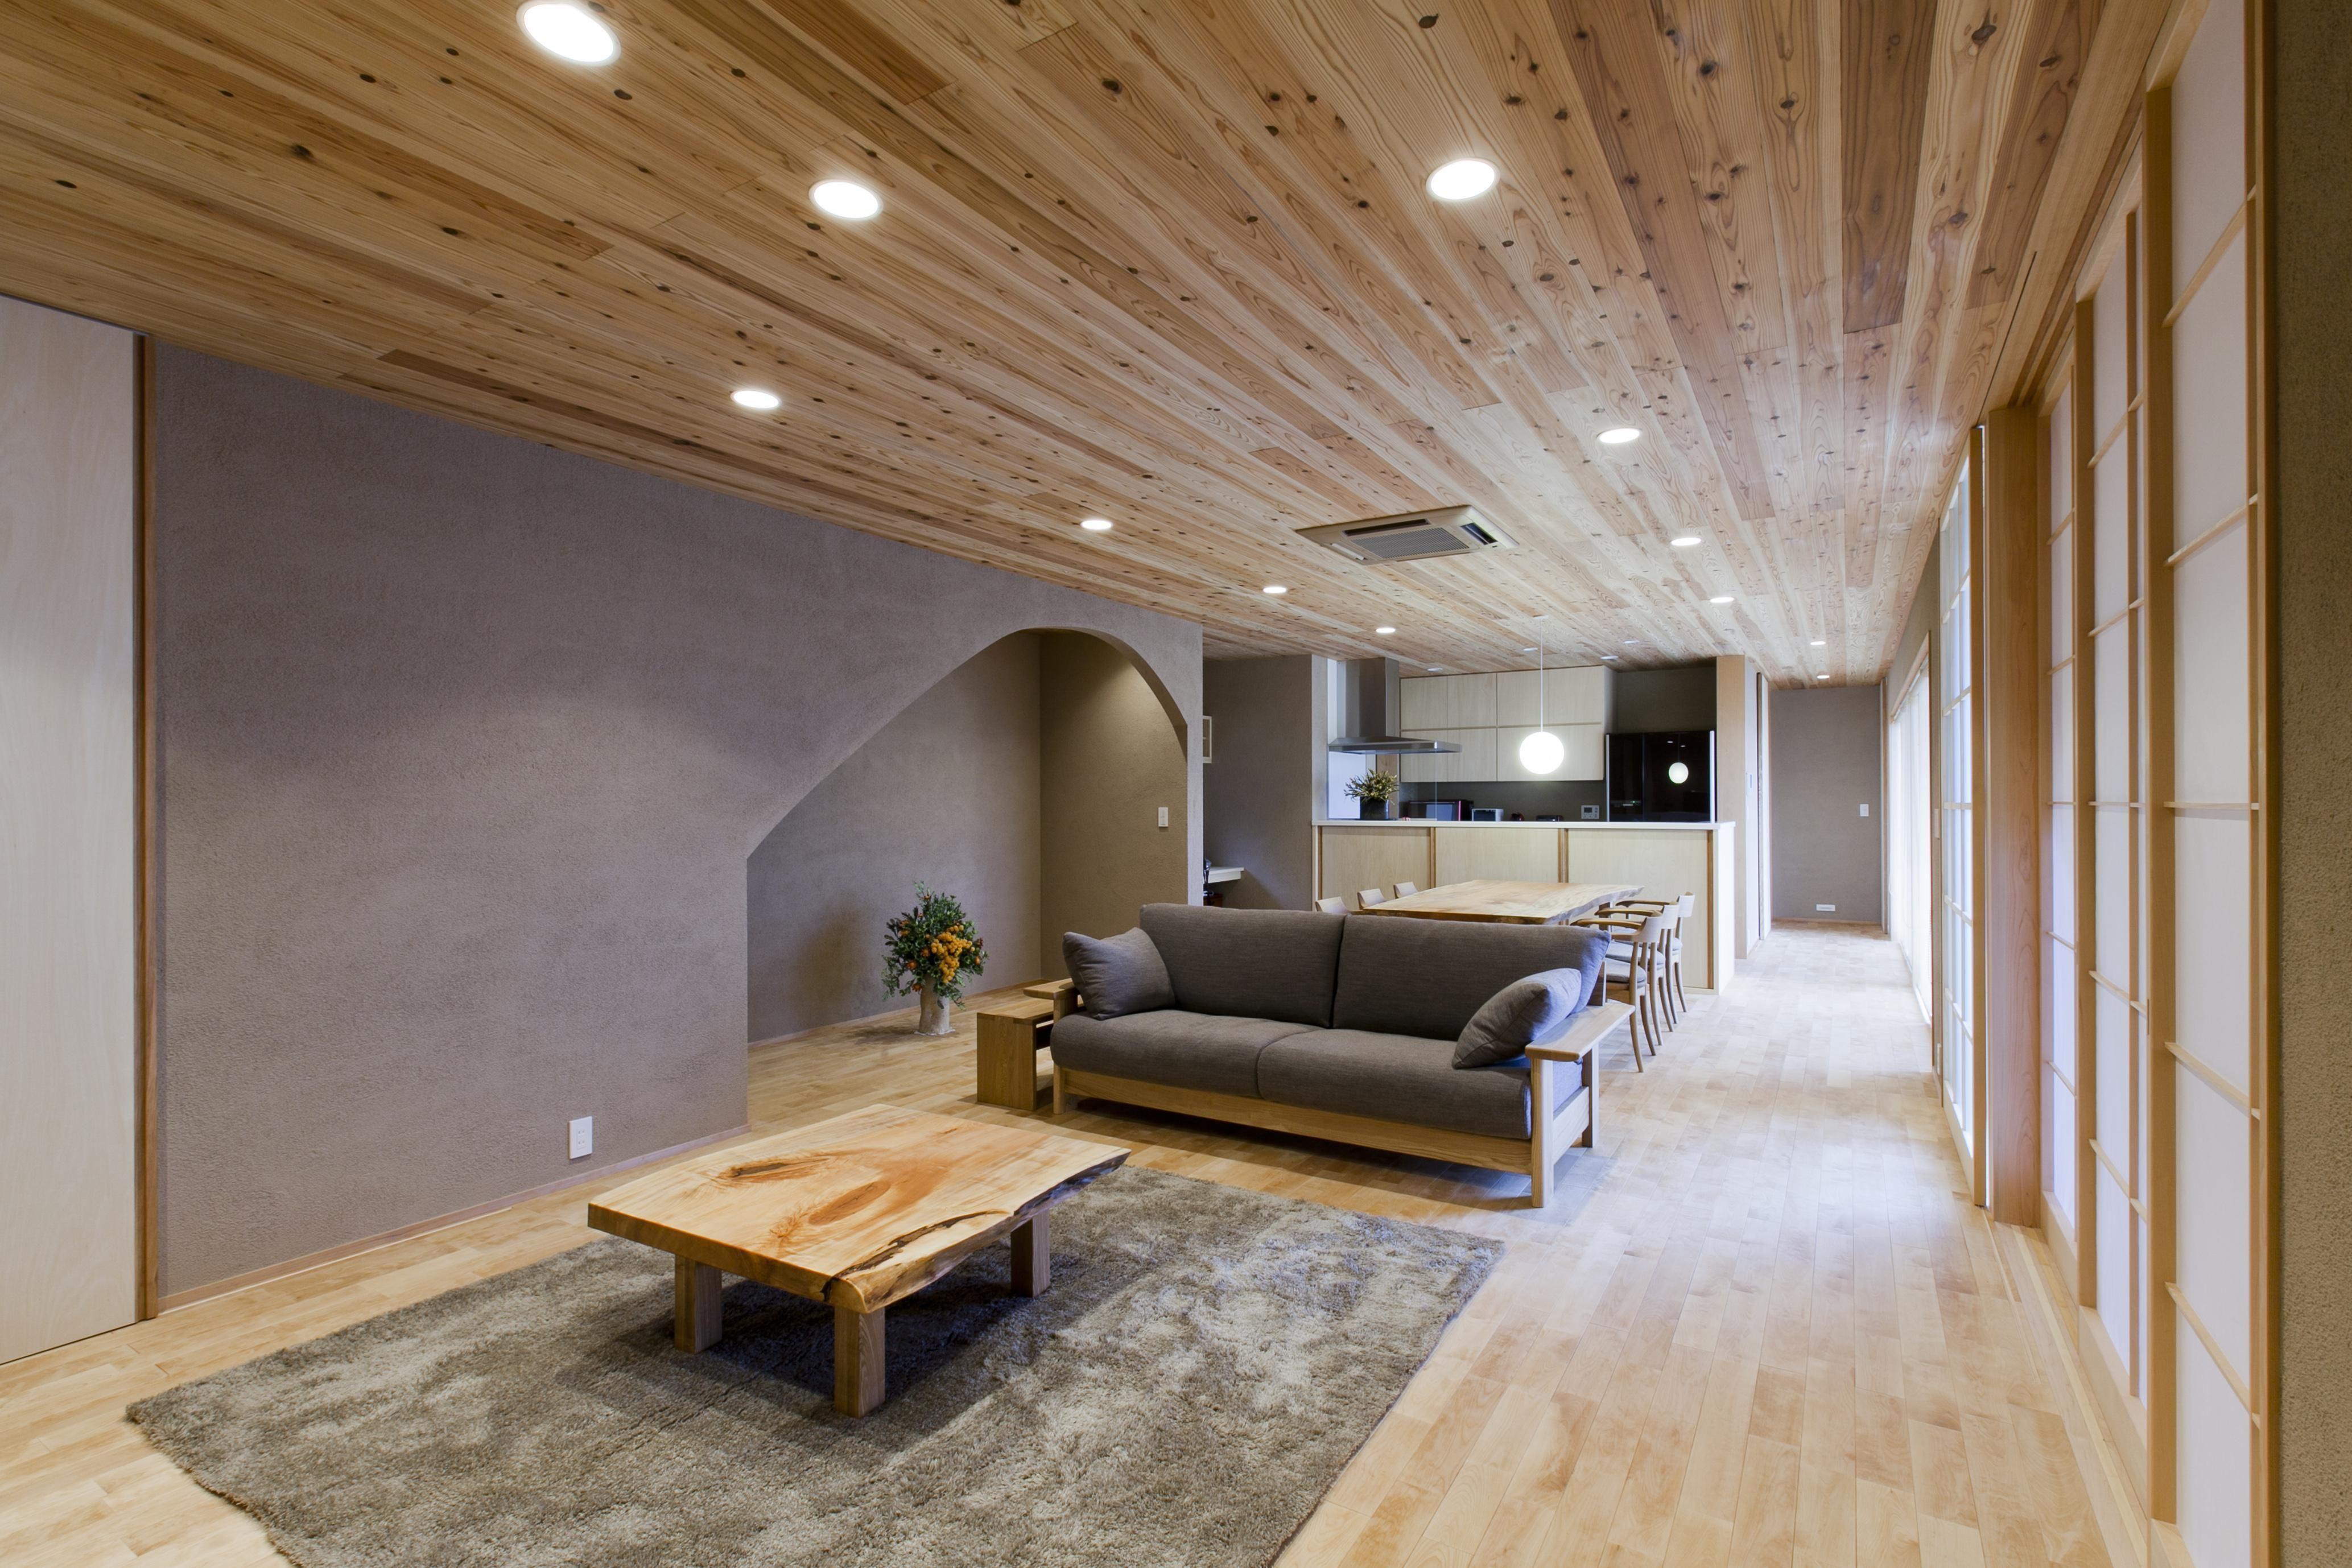 キッチン:キッチン 壁紙 和室 電気 おしゃれ 和室 インテリア 家具